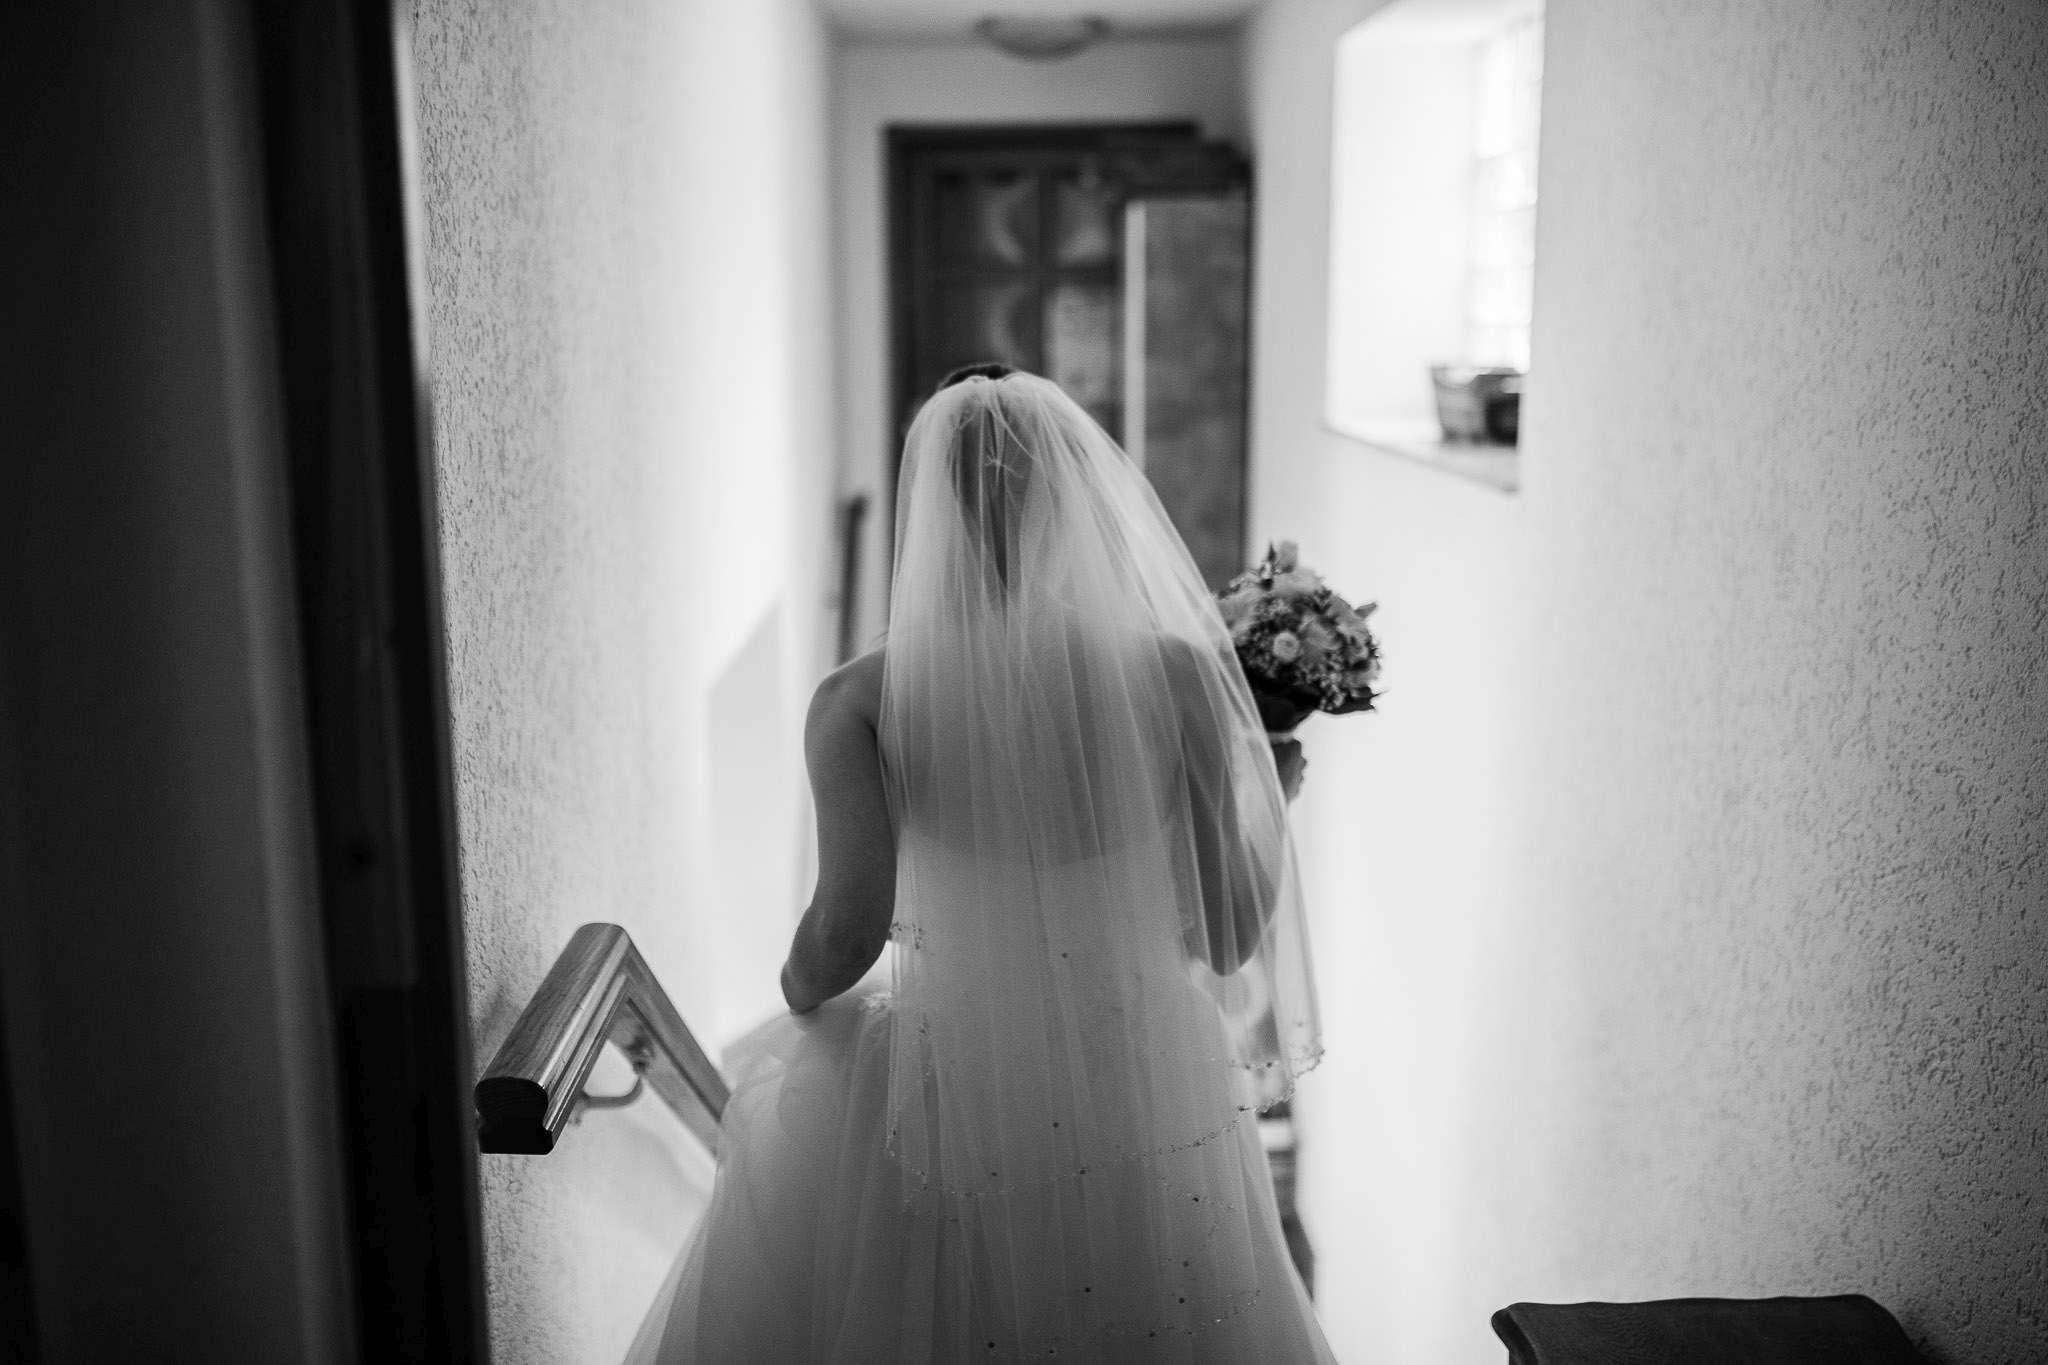 Hochzeitsreportage Undenheim: Auf dem Weg zur Trauung